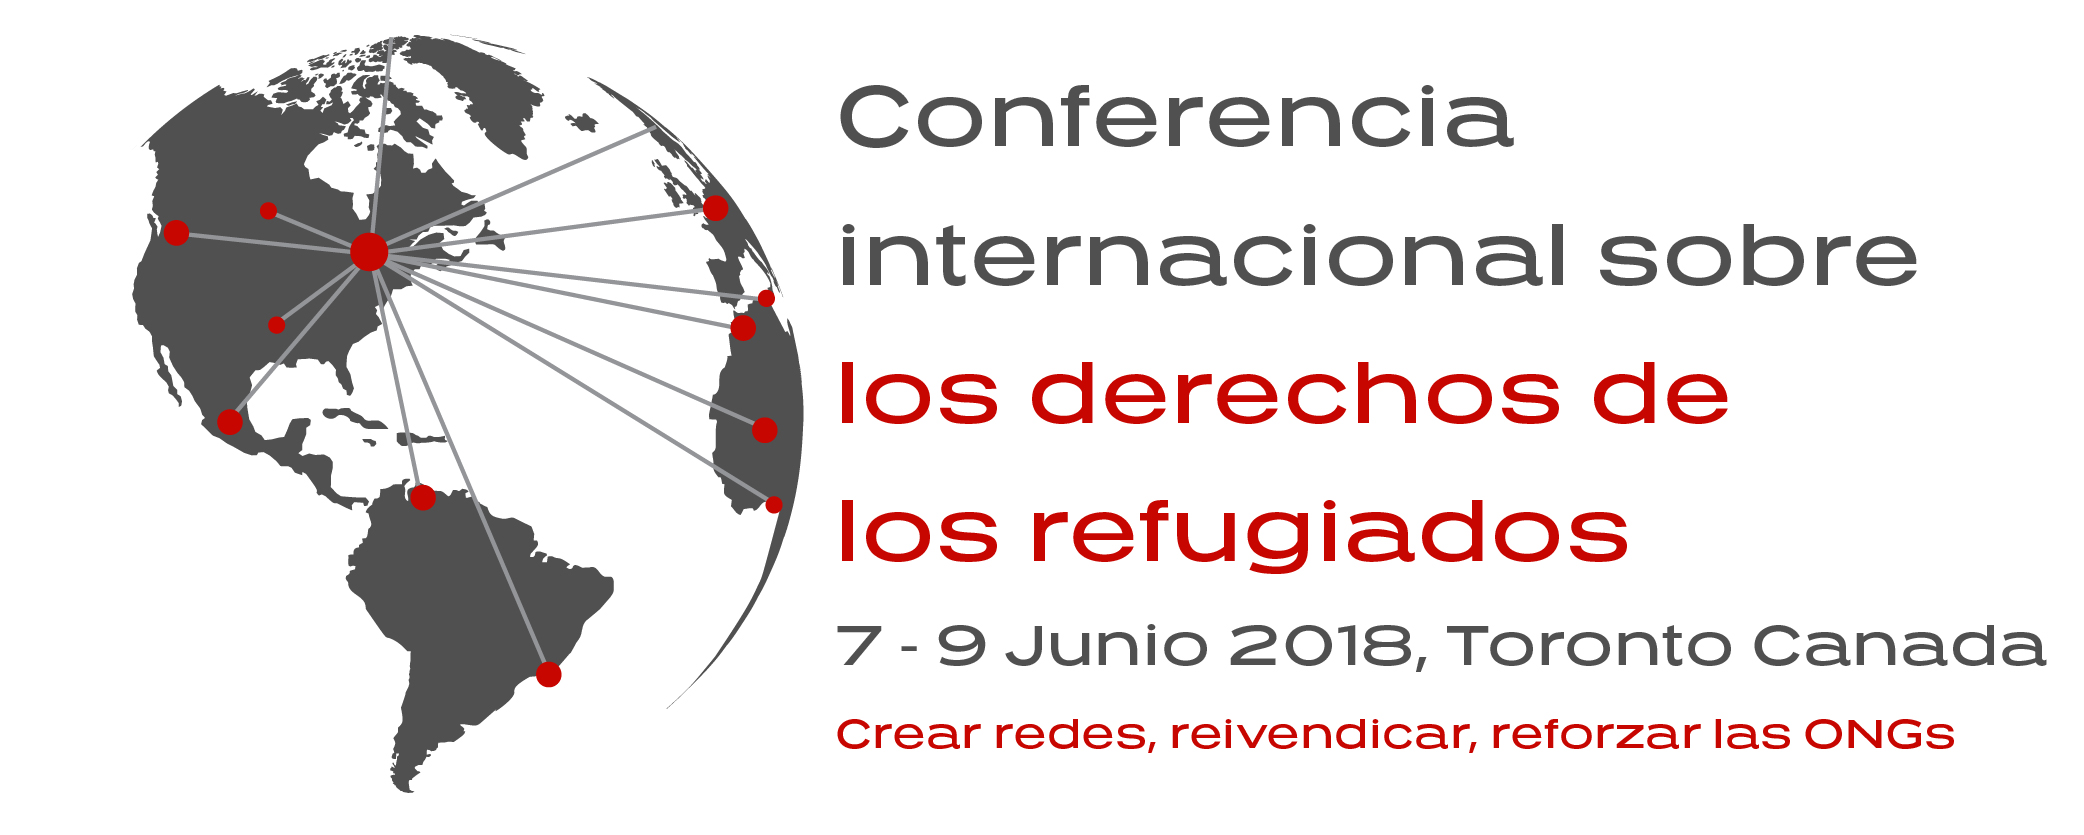 Conferencia internacional sobre los derechos de los refugiados